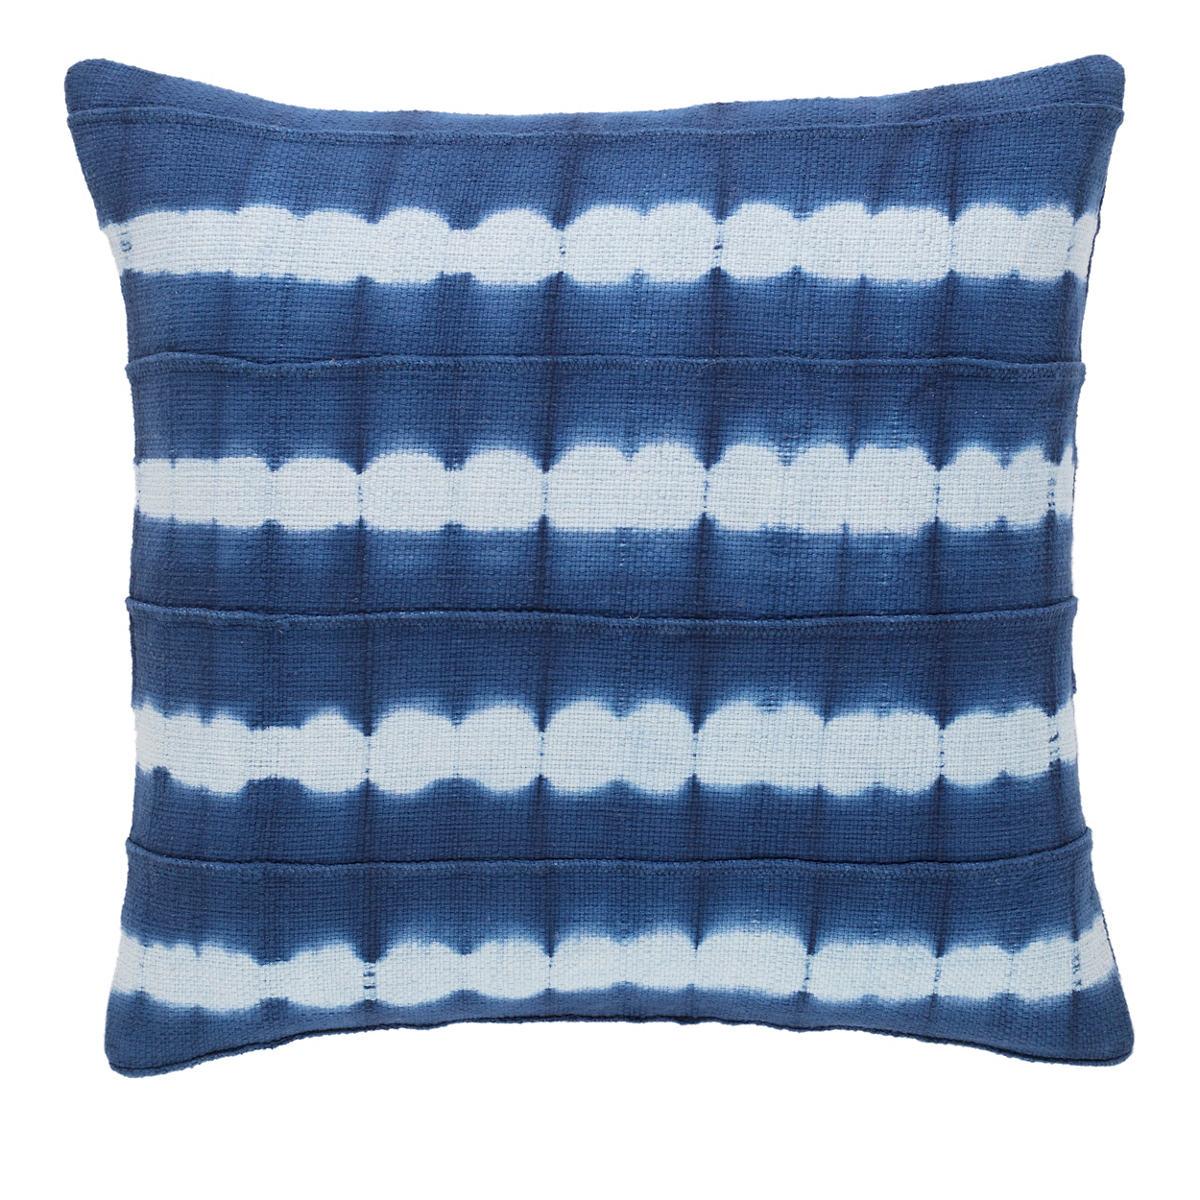 Blip Resist Decorative Pillow